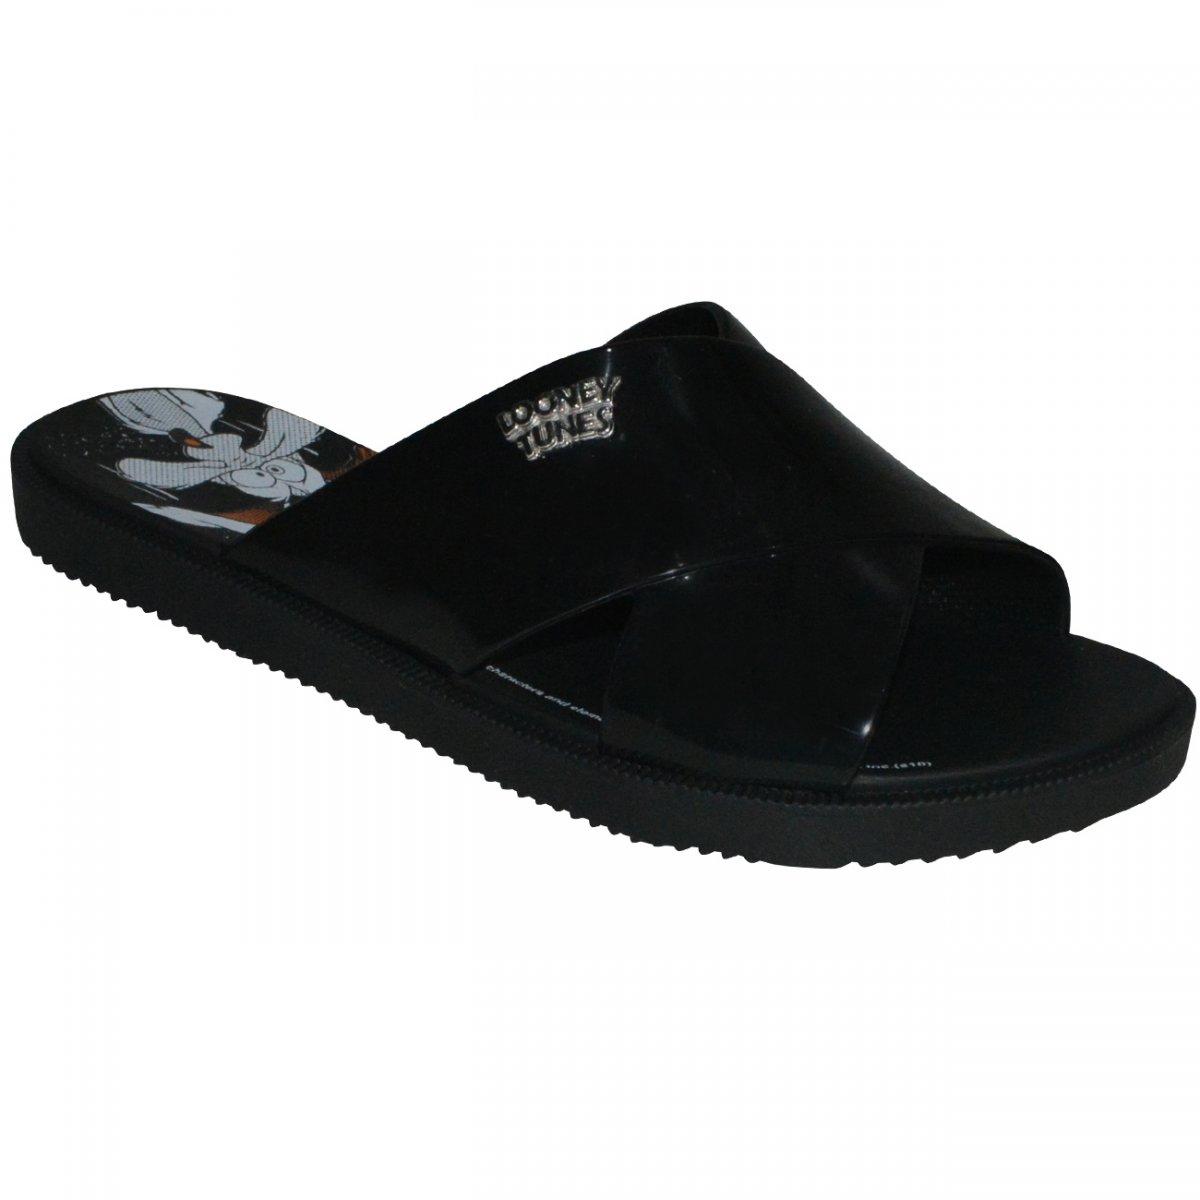 f3c496906 Chinelo Zaxy Looney Tunes 17762 17762 - 90773 - Preto - Chuteira Nike,  Adidas. Sandalias Femininas. Sandy Calçados